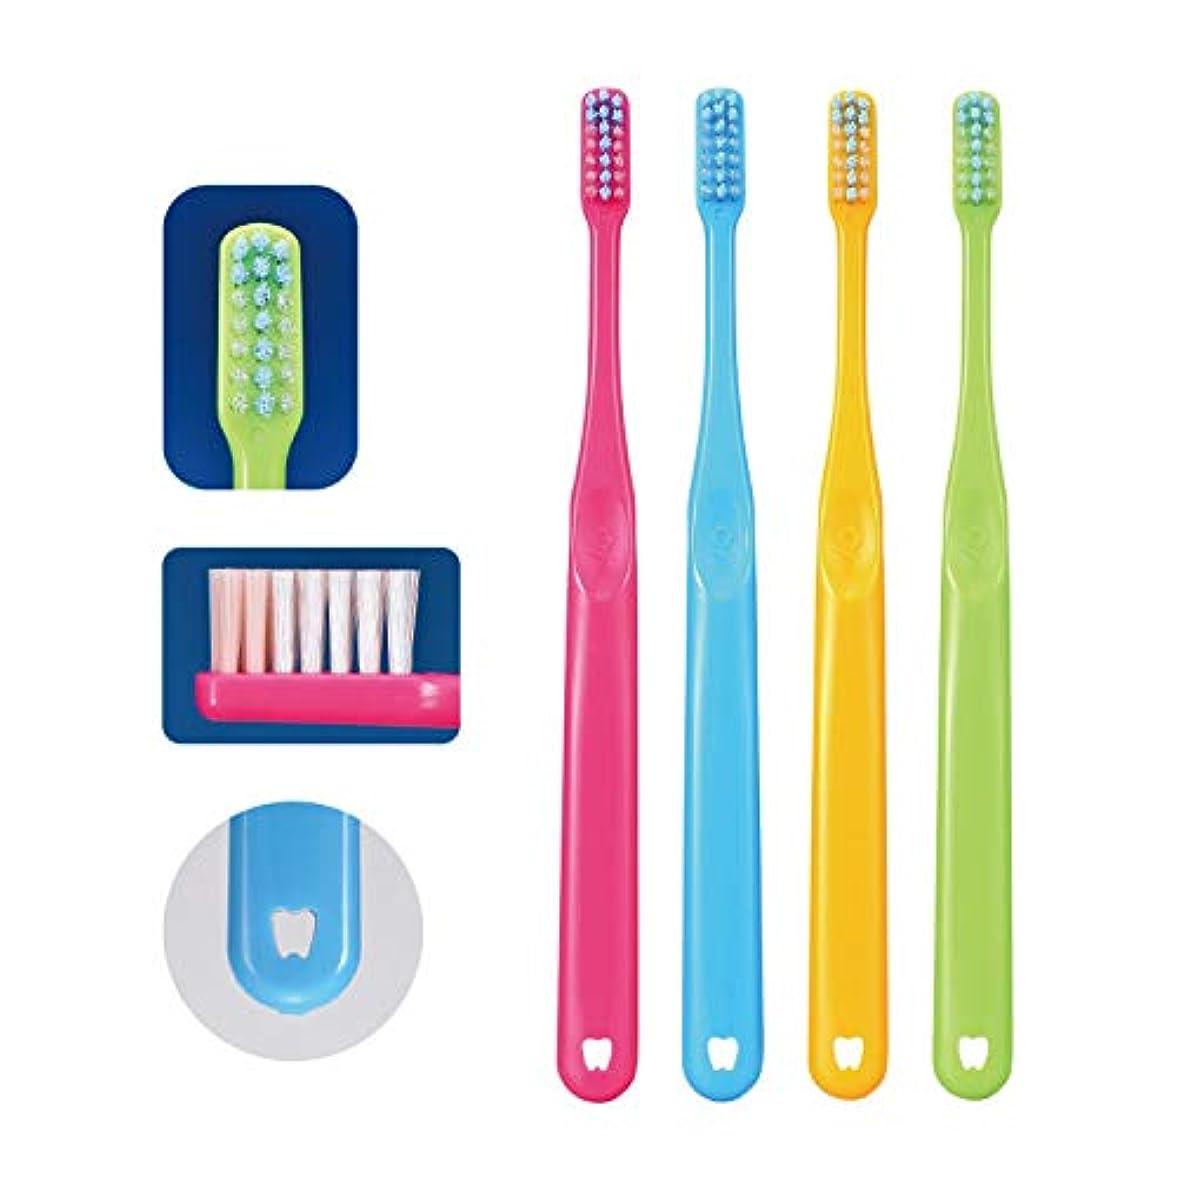 説明するヒップ嫉妬Ci PRO PLUS プロプラス 歯ブラシ 20本 M(ふつう) 日本製 プラーク除去 歯科専売品